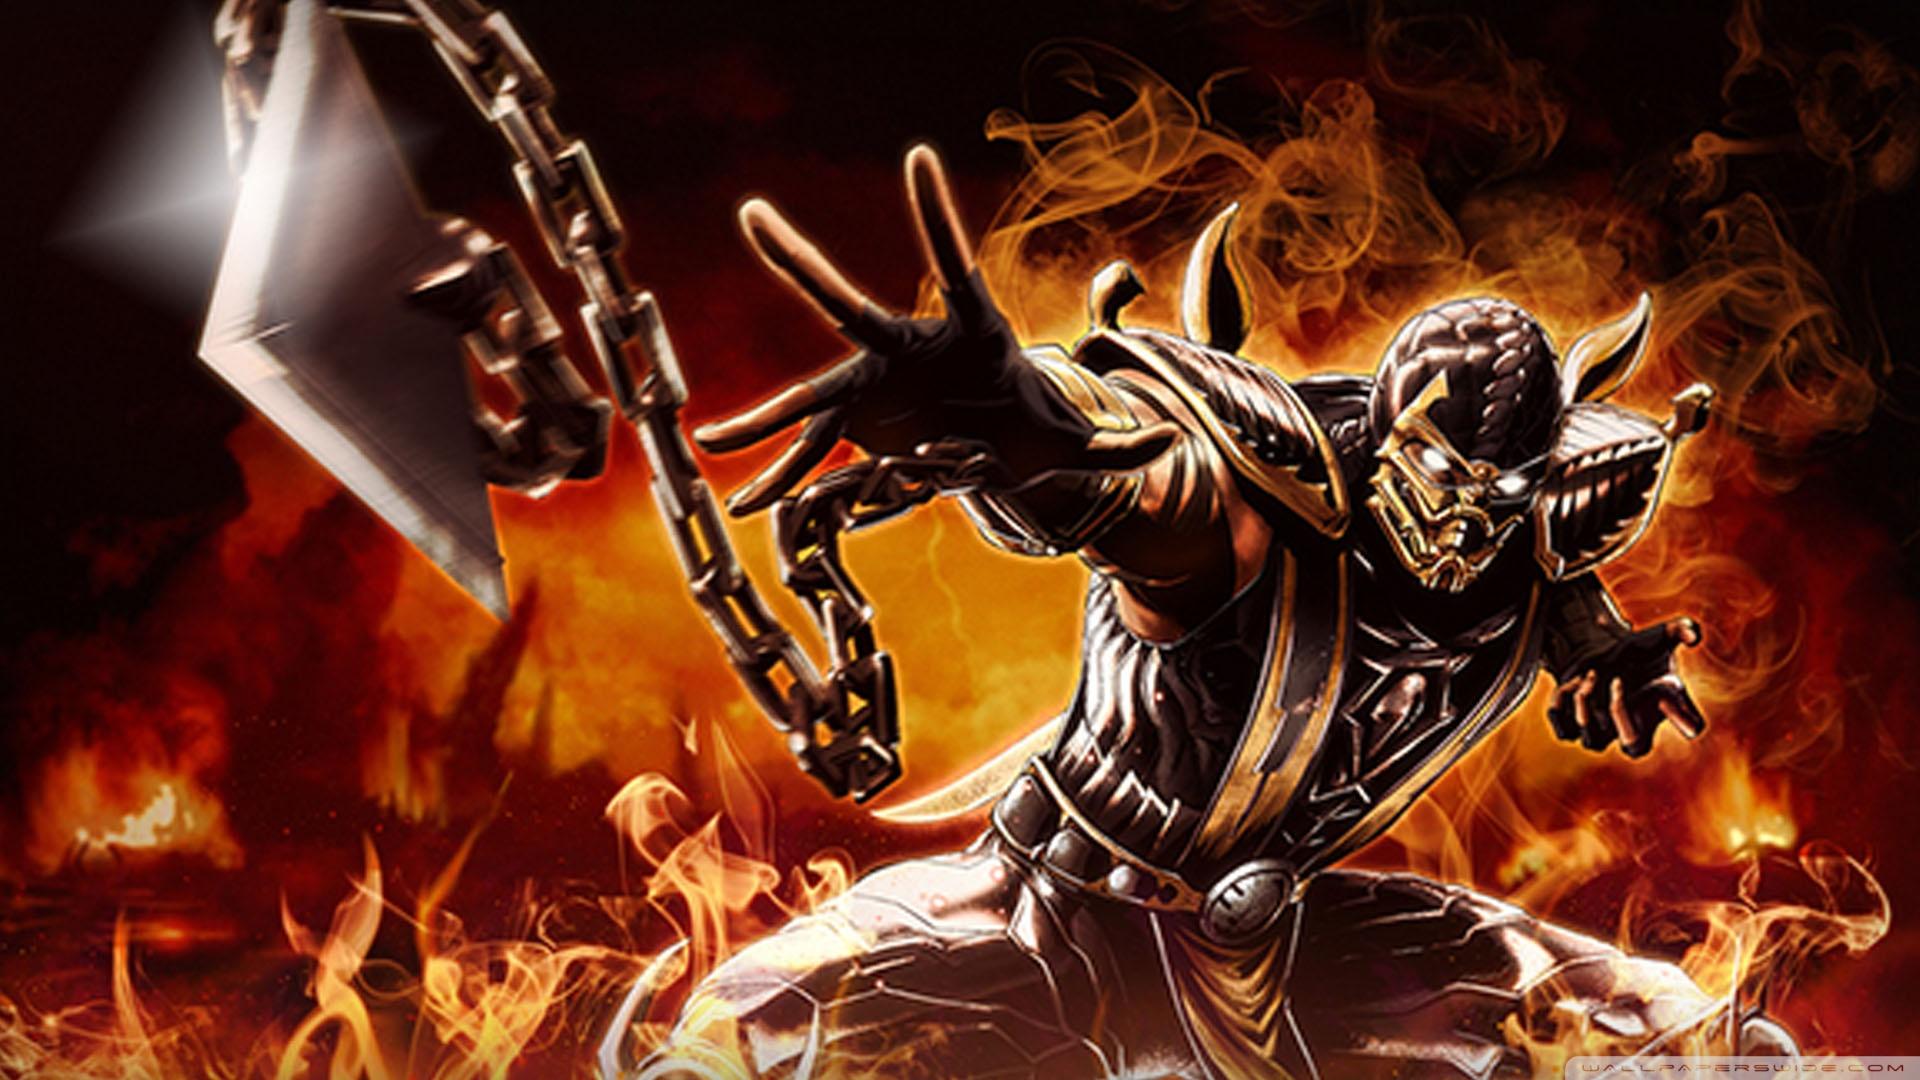 Mortal Kombat X Scorpion Wallpapers 1920x1080